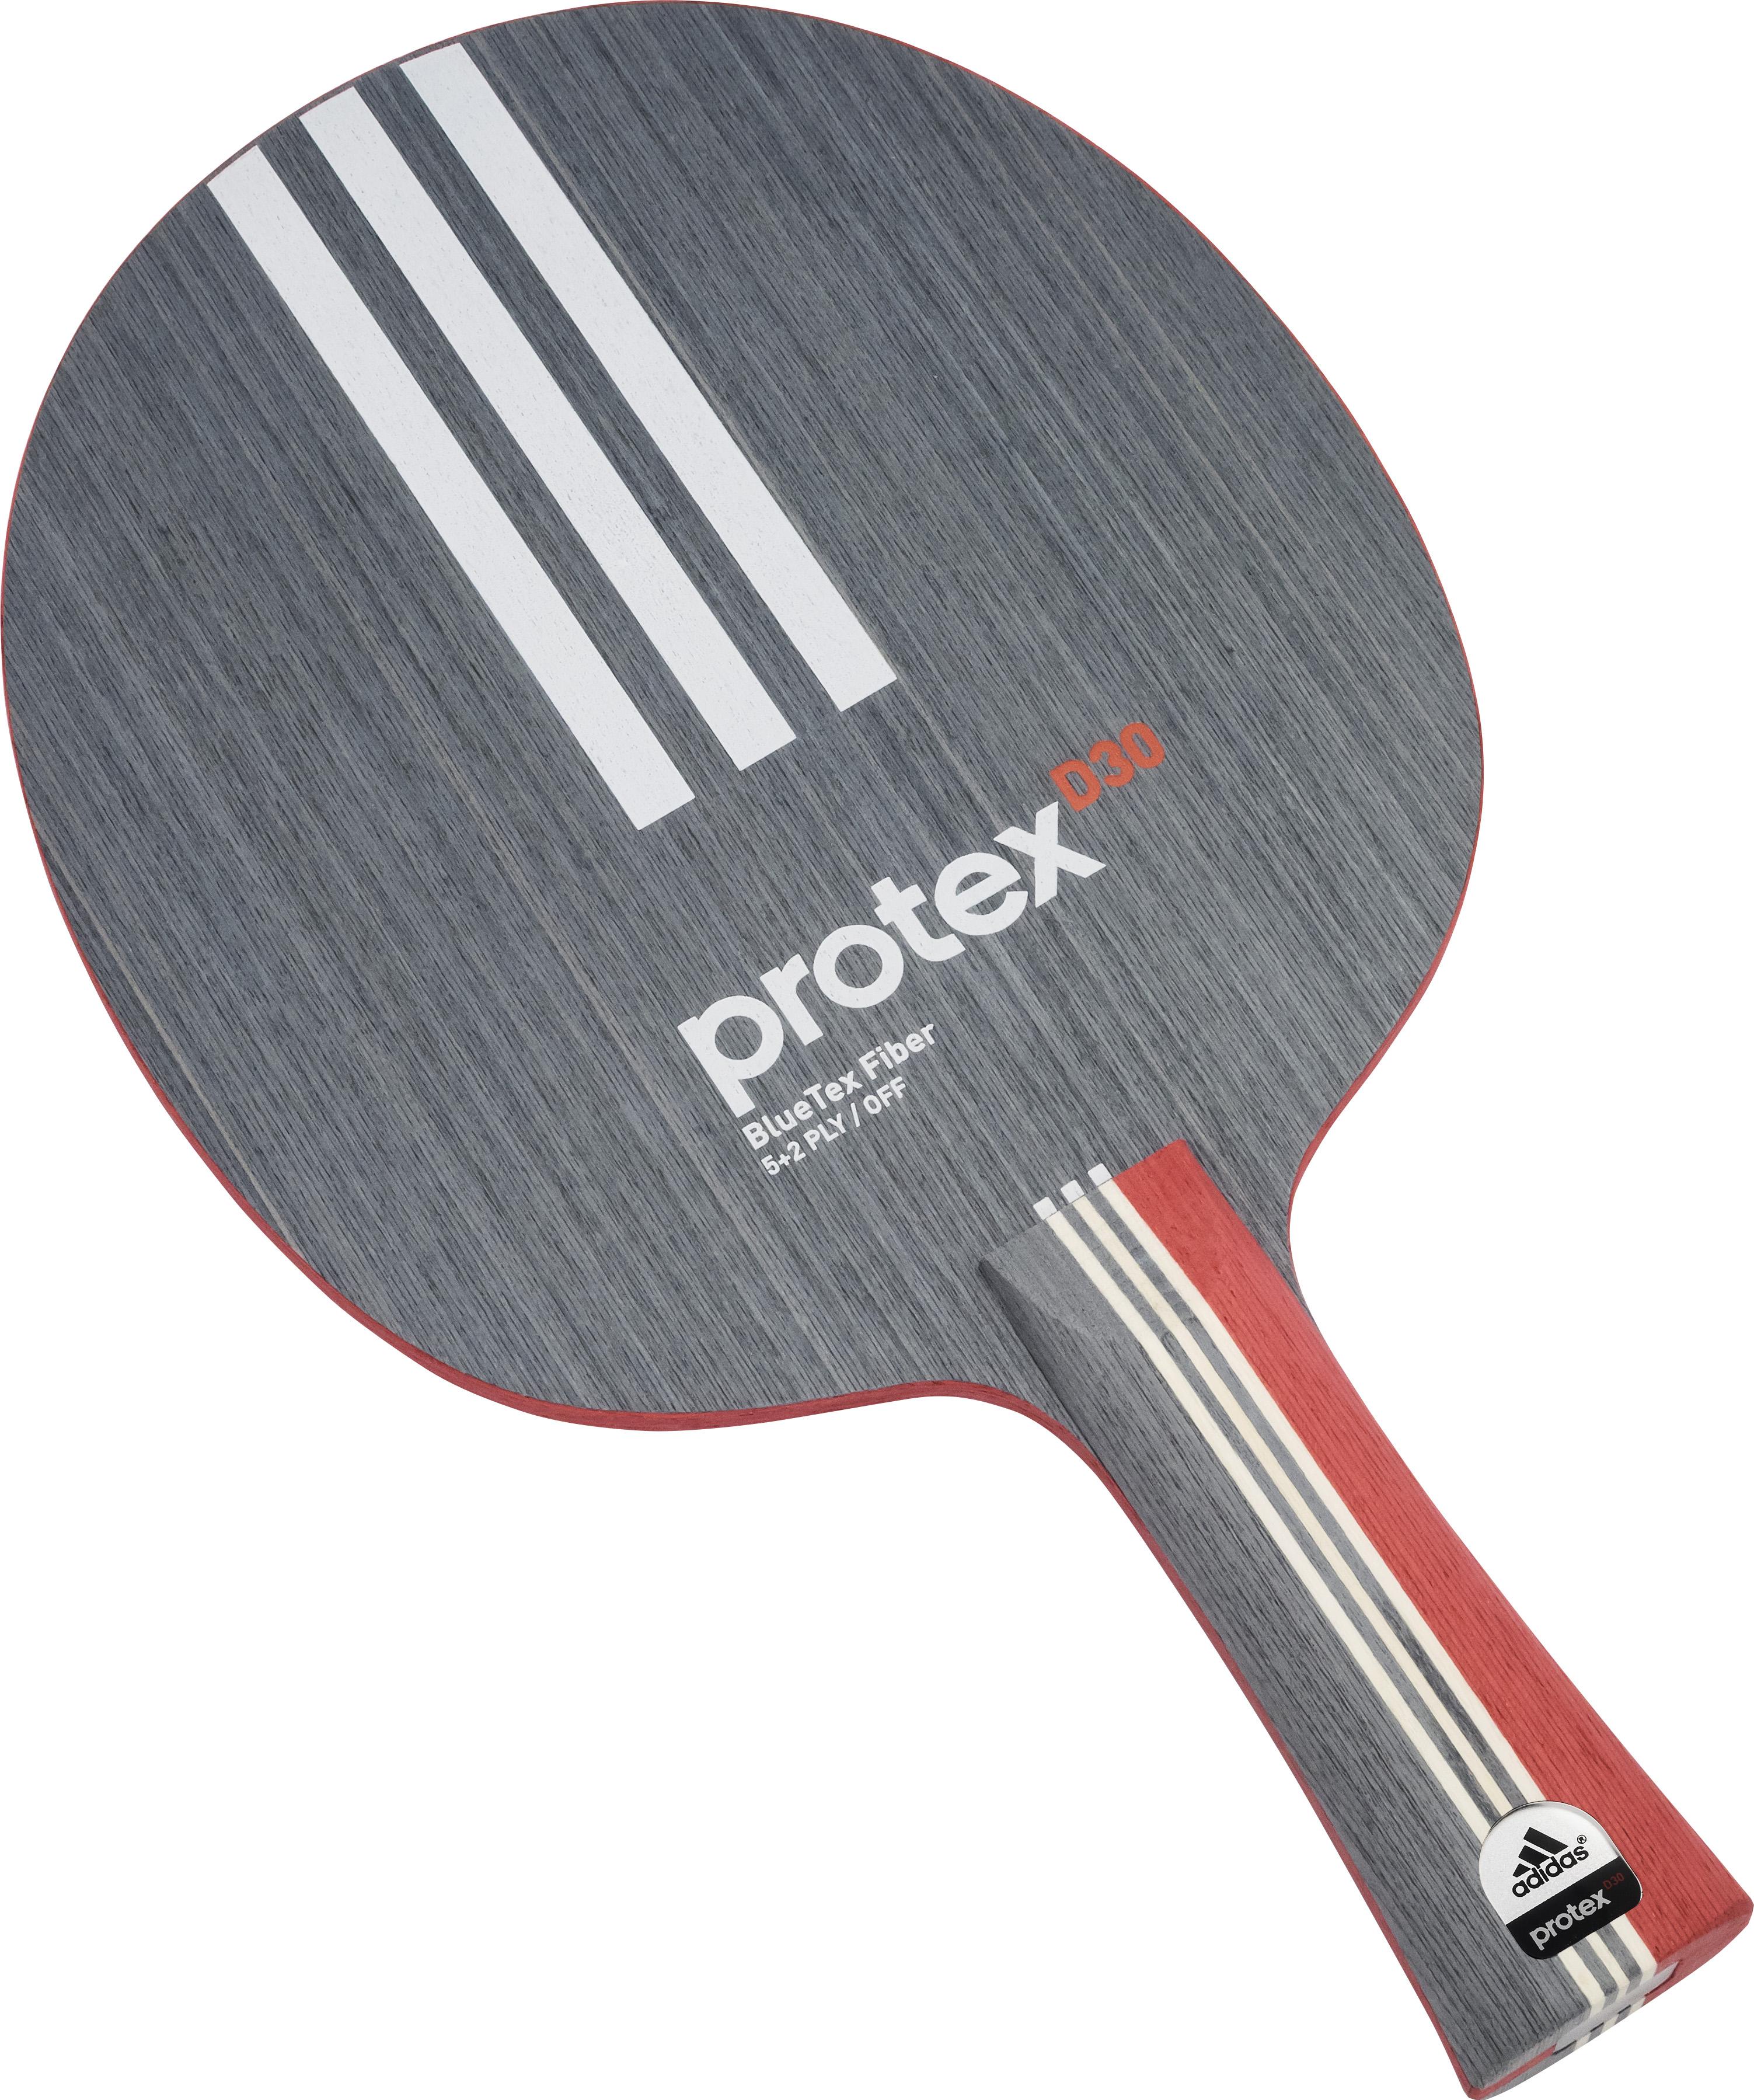 Adidas Protex D30